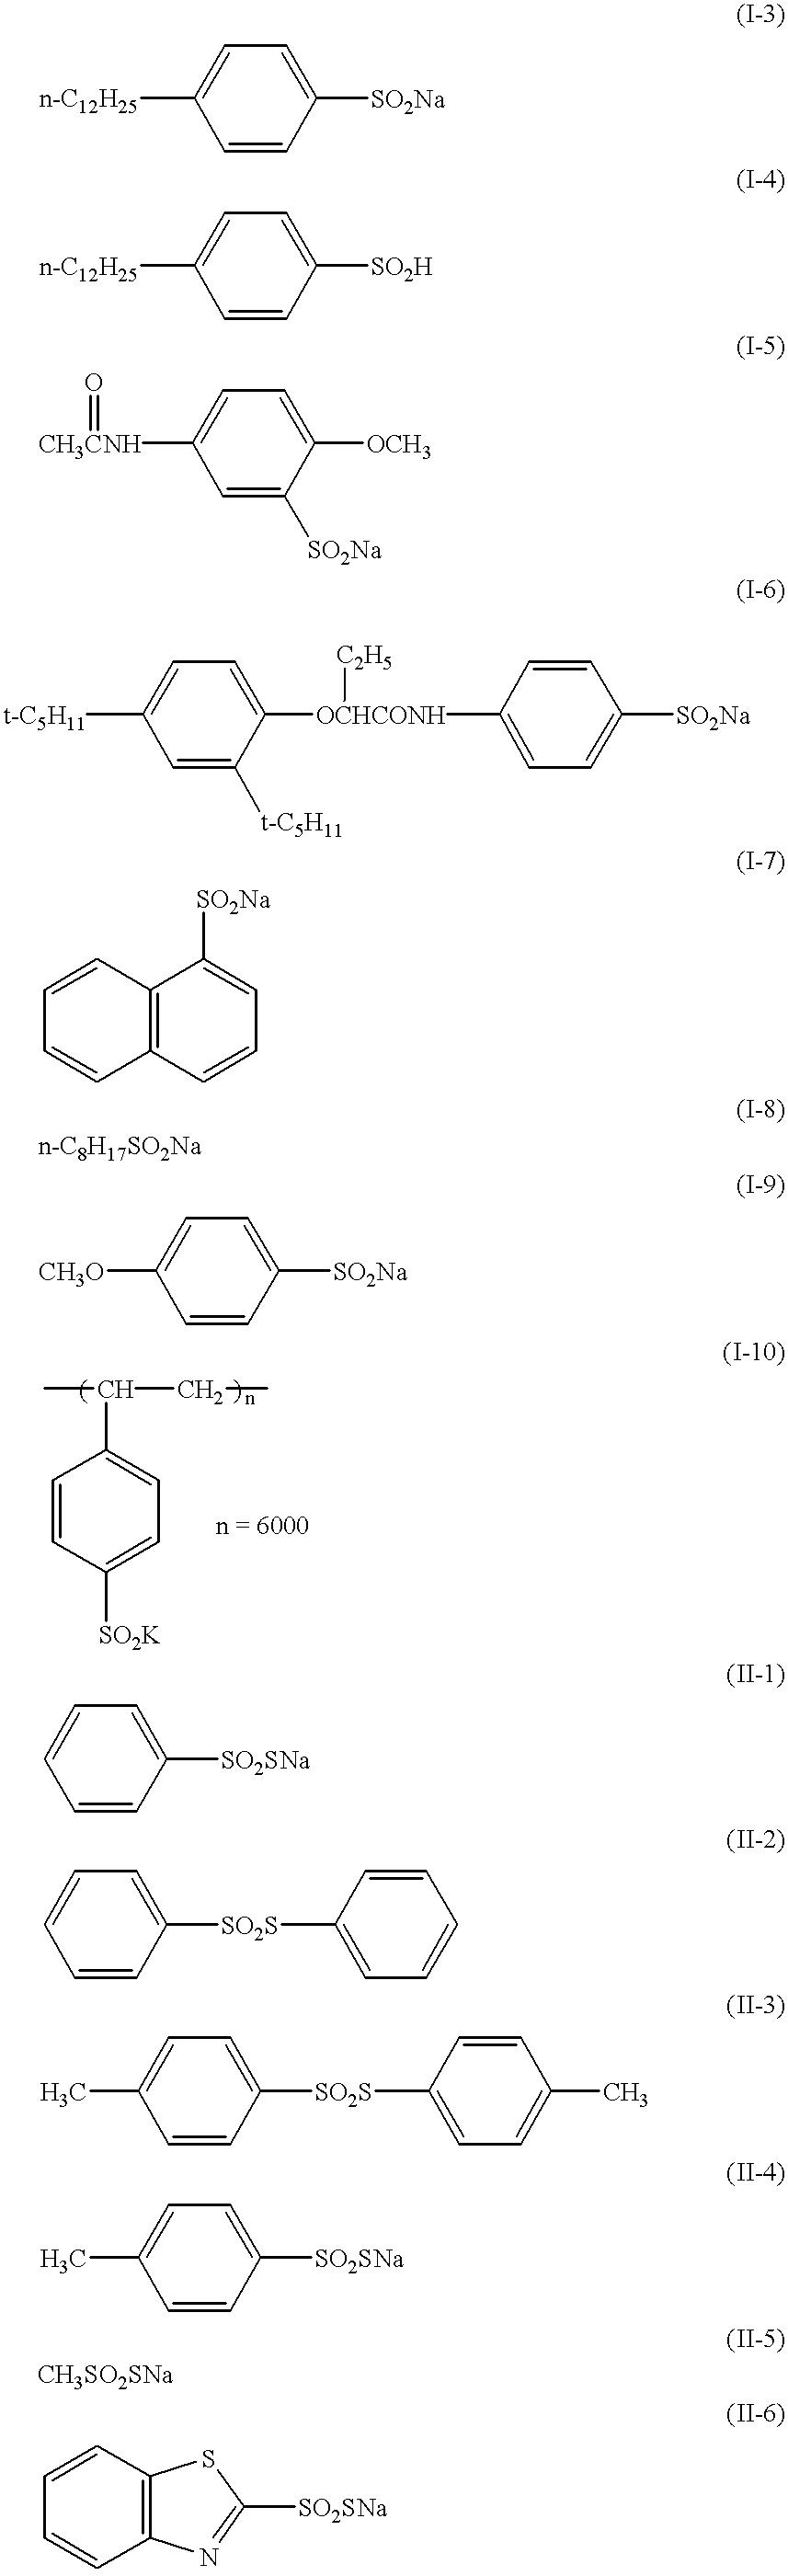 Figure US20010014381A1-20010816-C00004